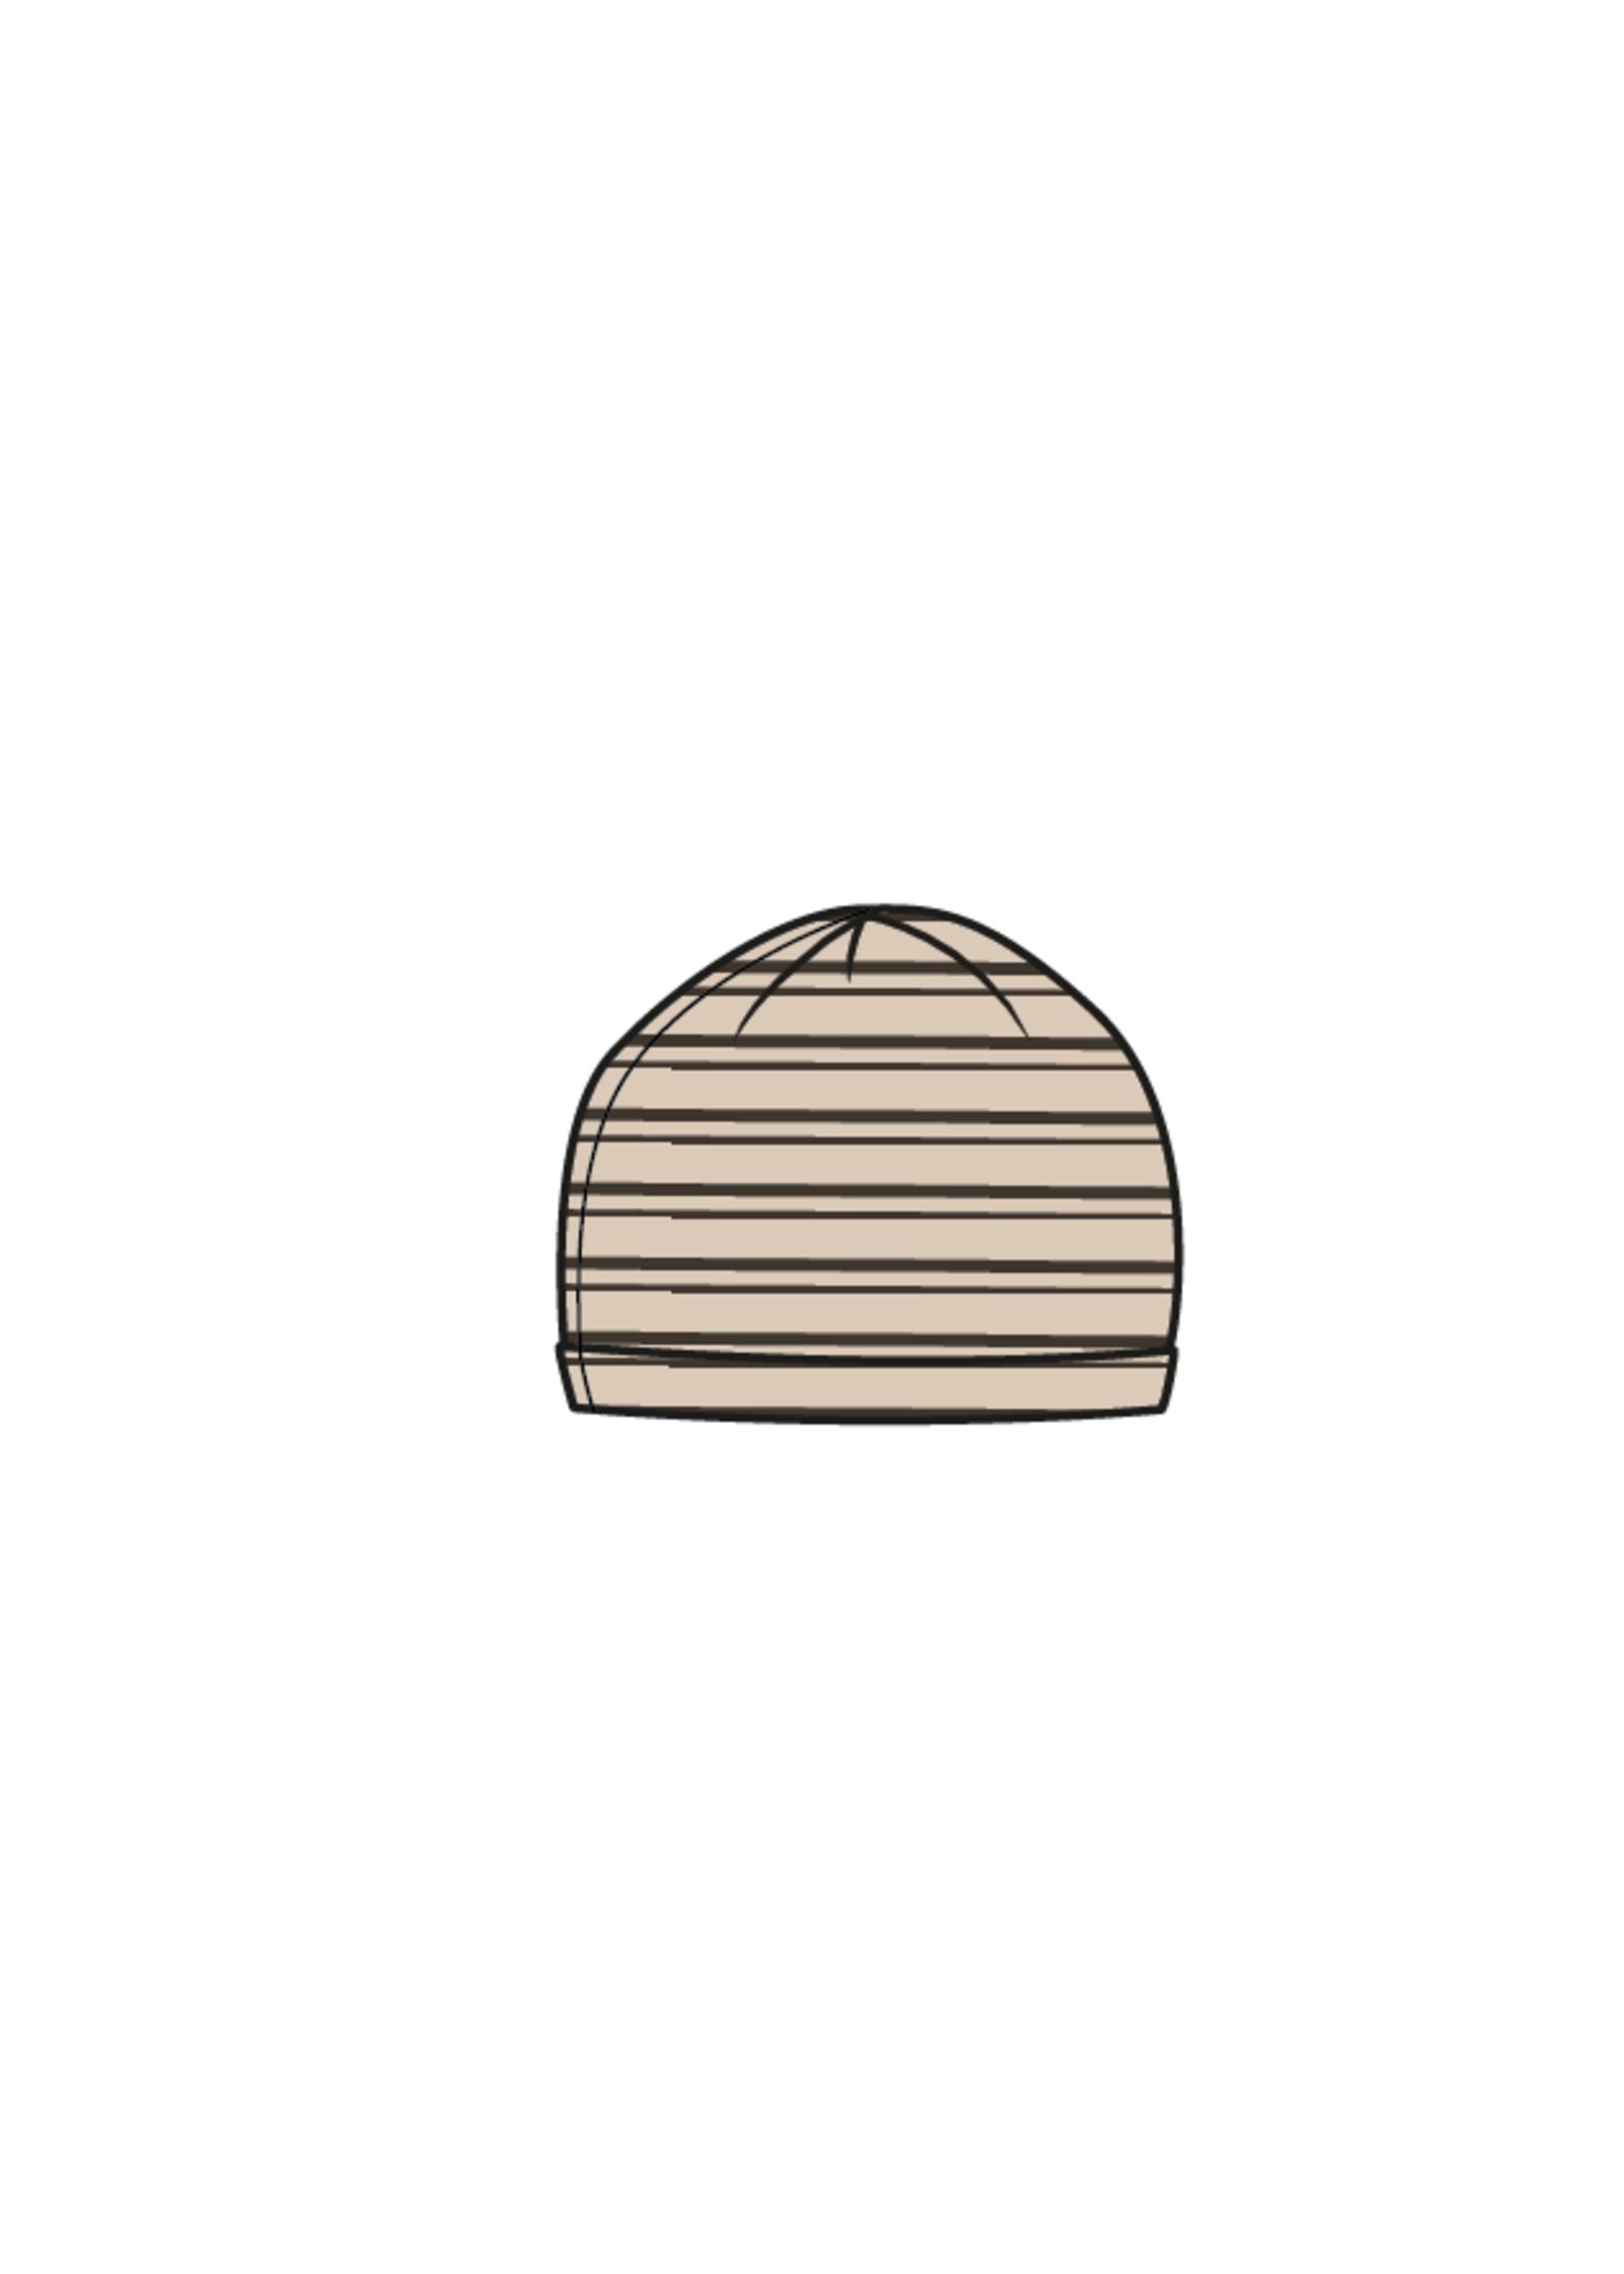 Blossom Kids Baby hat - Stripes - Cinnamom